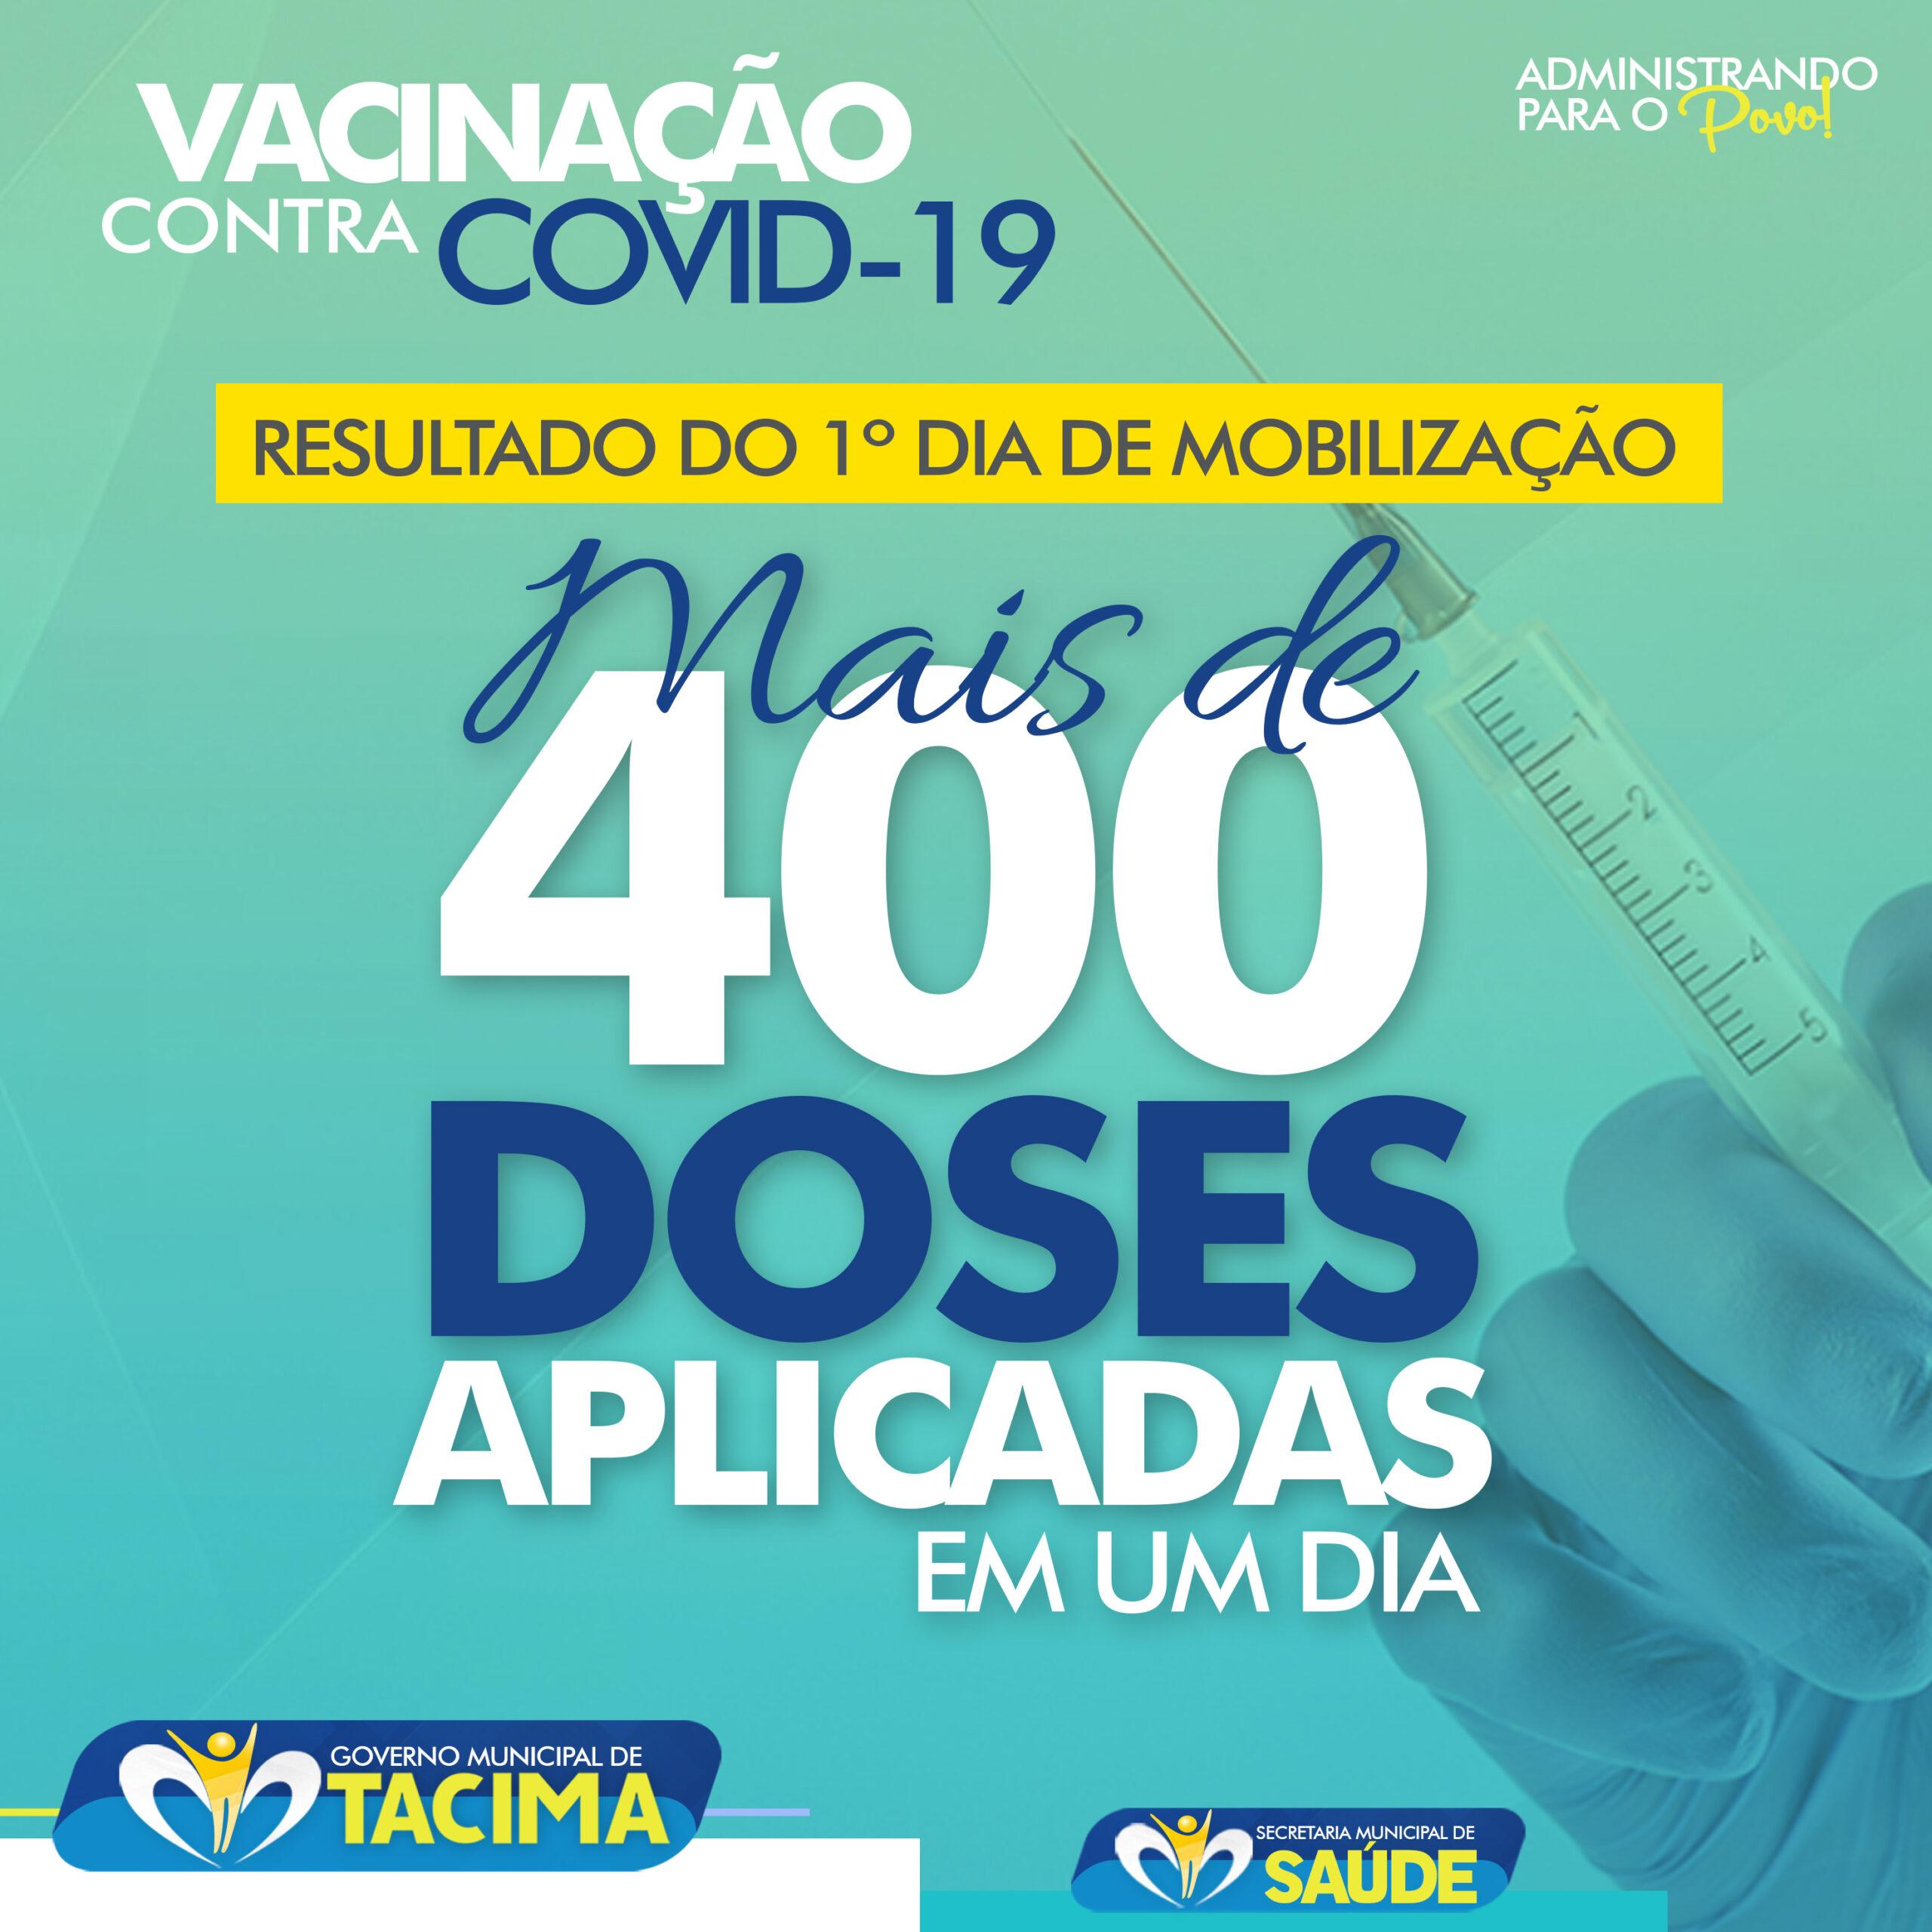 Tacima aplica em um único dia mais de 400 doses de vacina contra a covid-19.